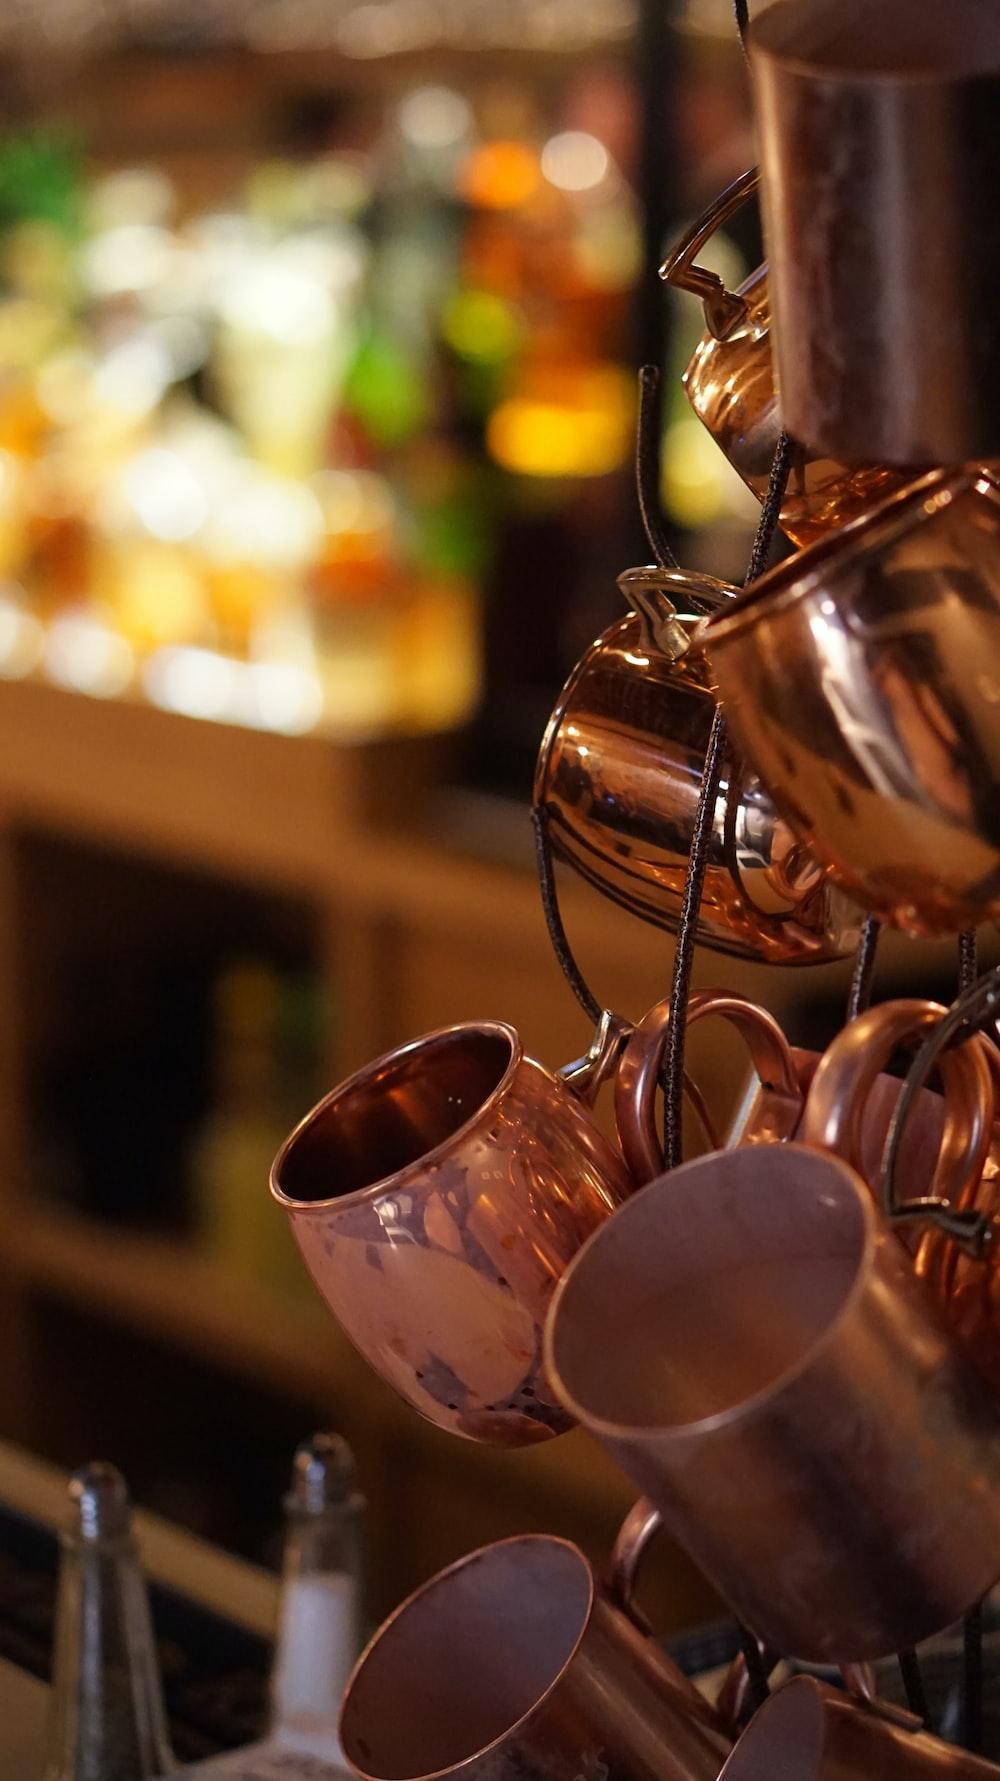 stainless steel tea pot set